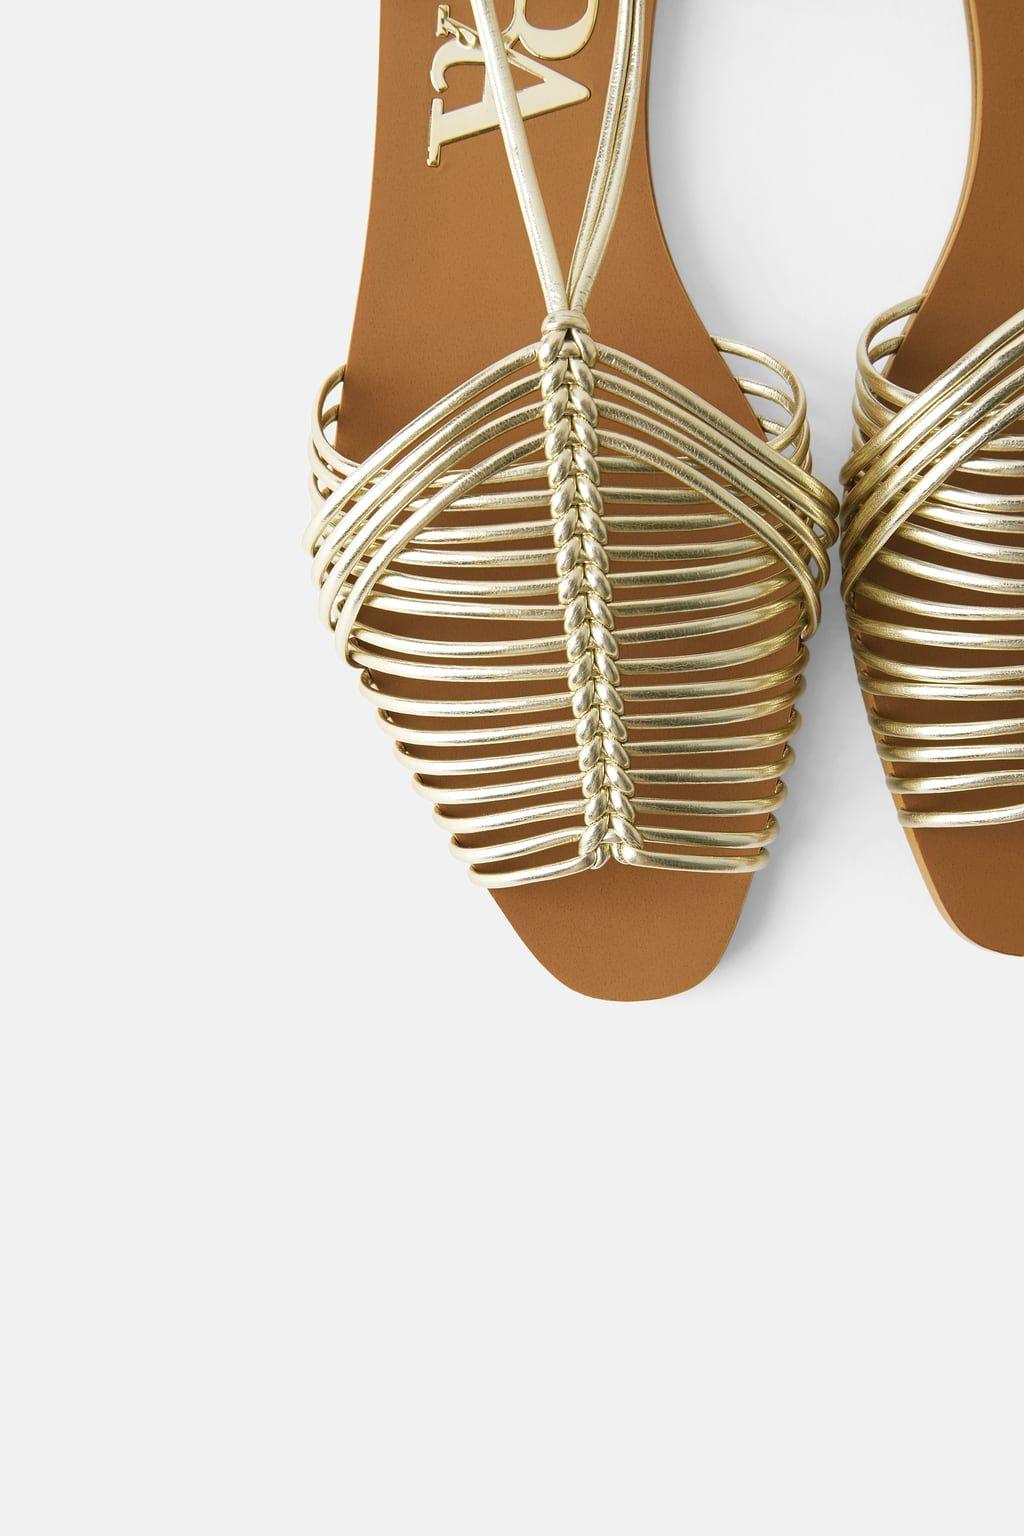 Más Cangrejeras Diseño Sandalias Vendido Recupera De Su Zara nPwOvNym80